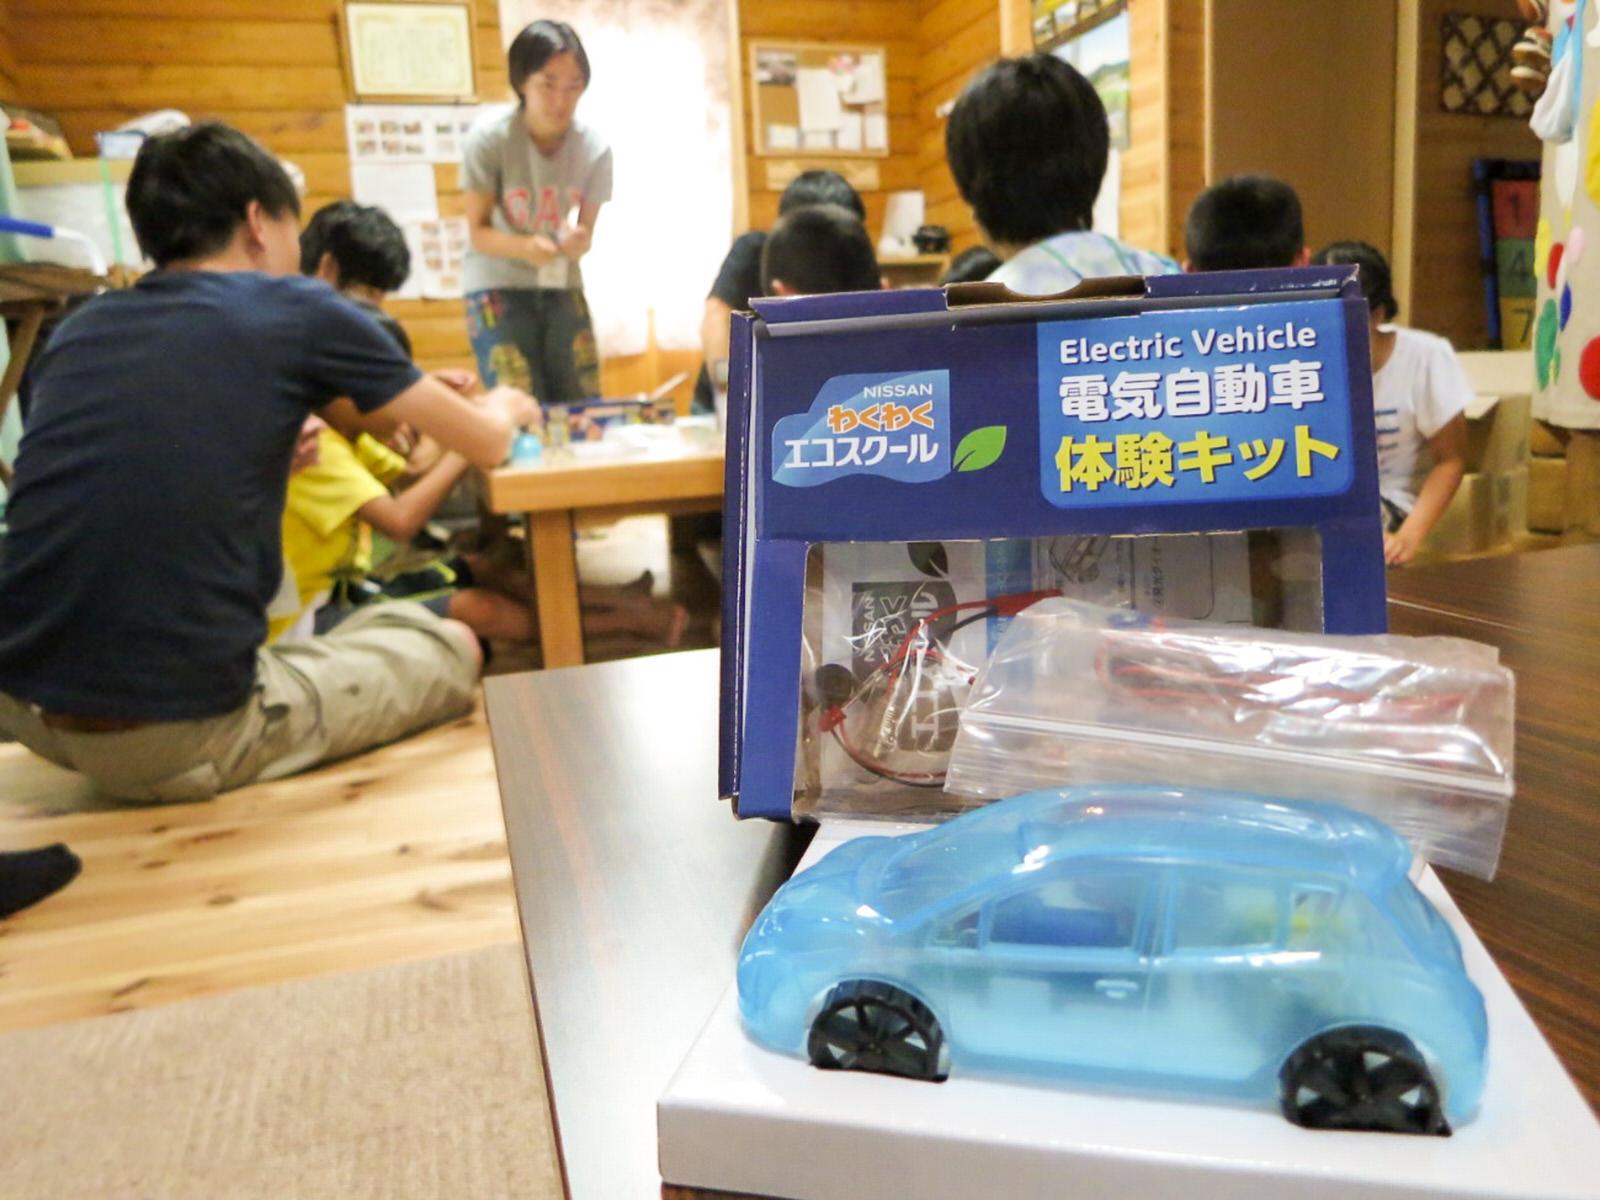 よく学びよく遊ぶ!夏・冬の「寺子屋」開催 / UT-OAK震災救援団(寄稿)